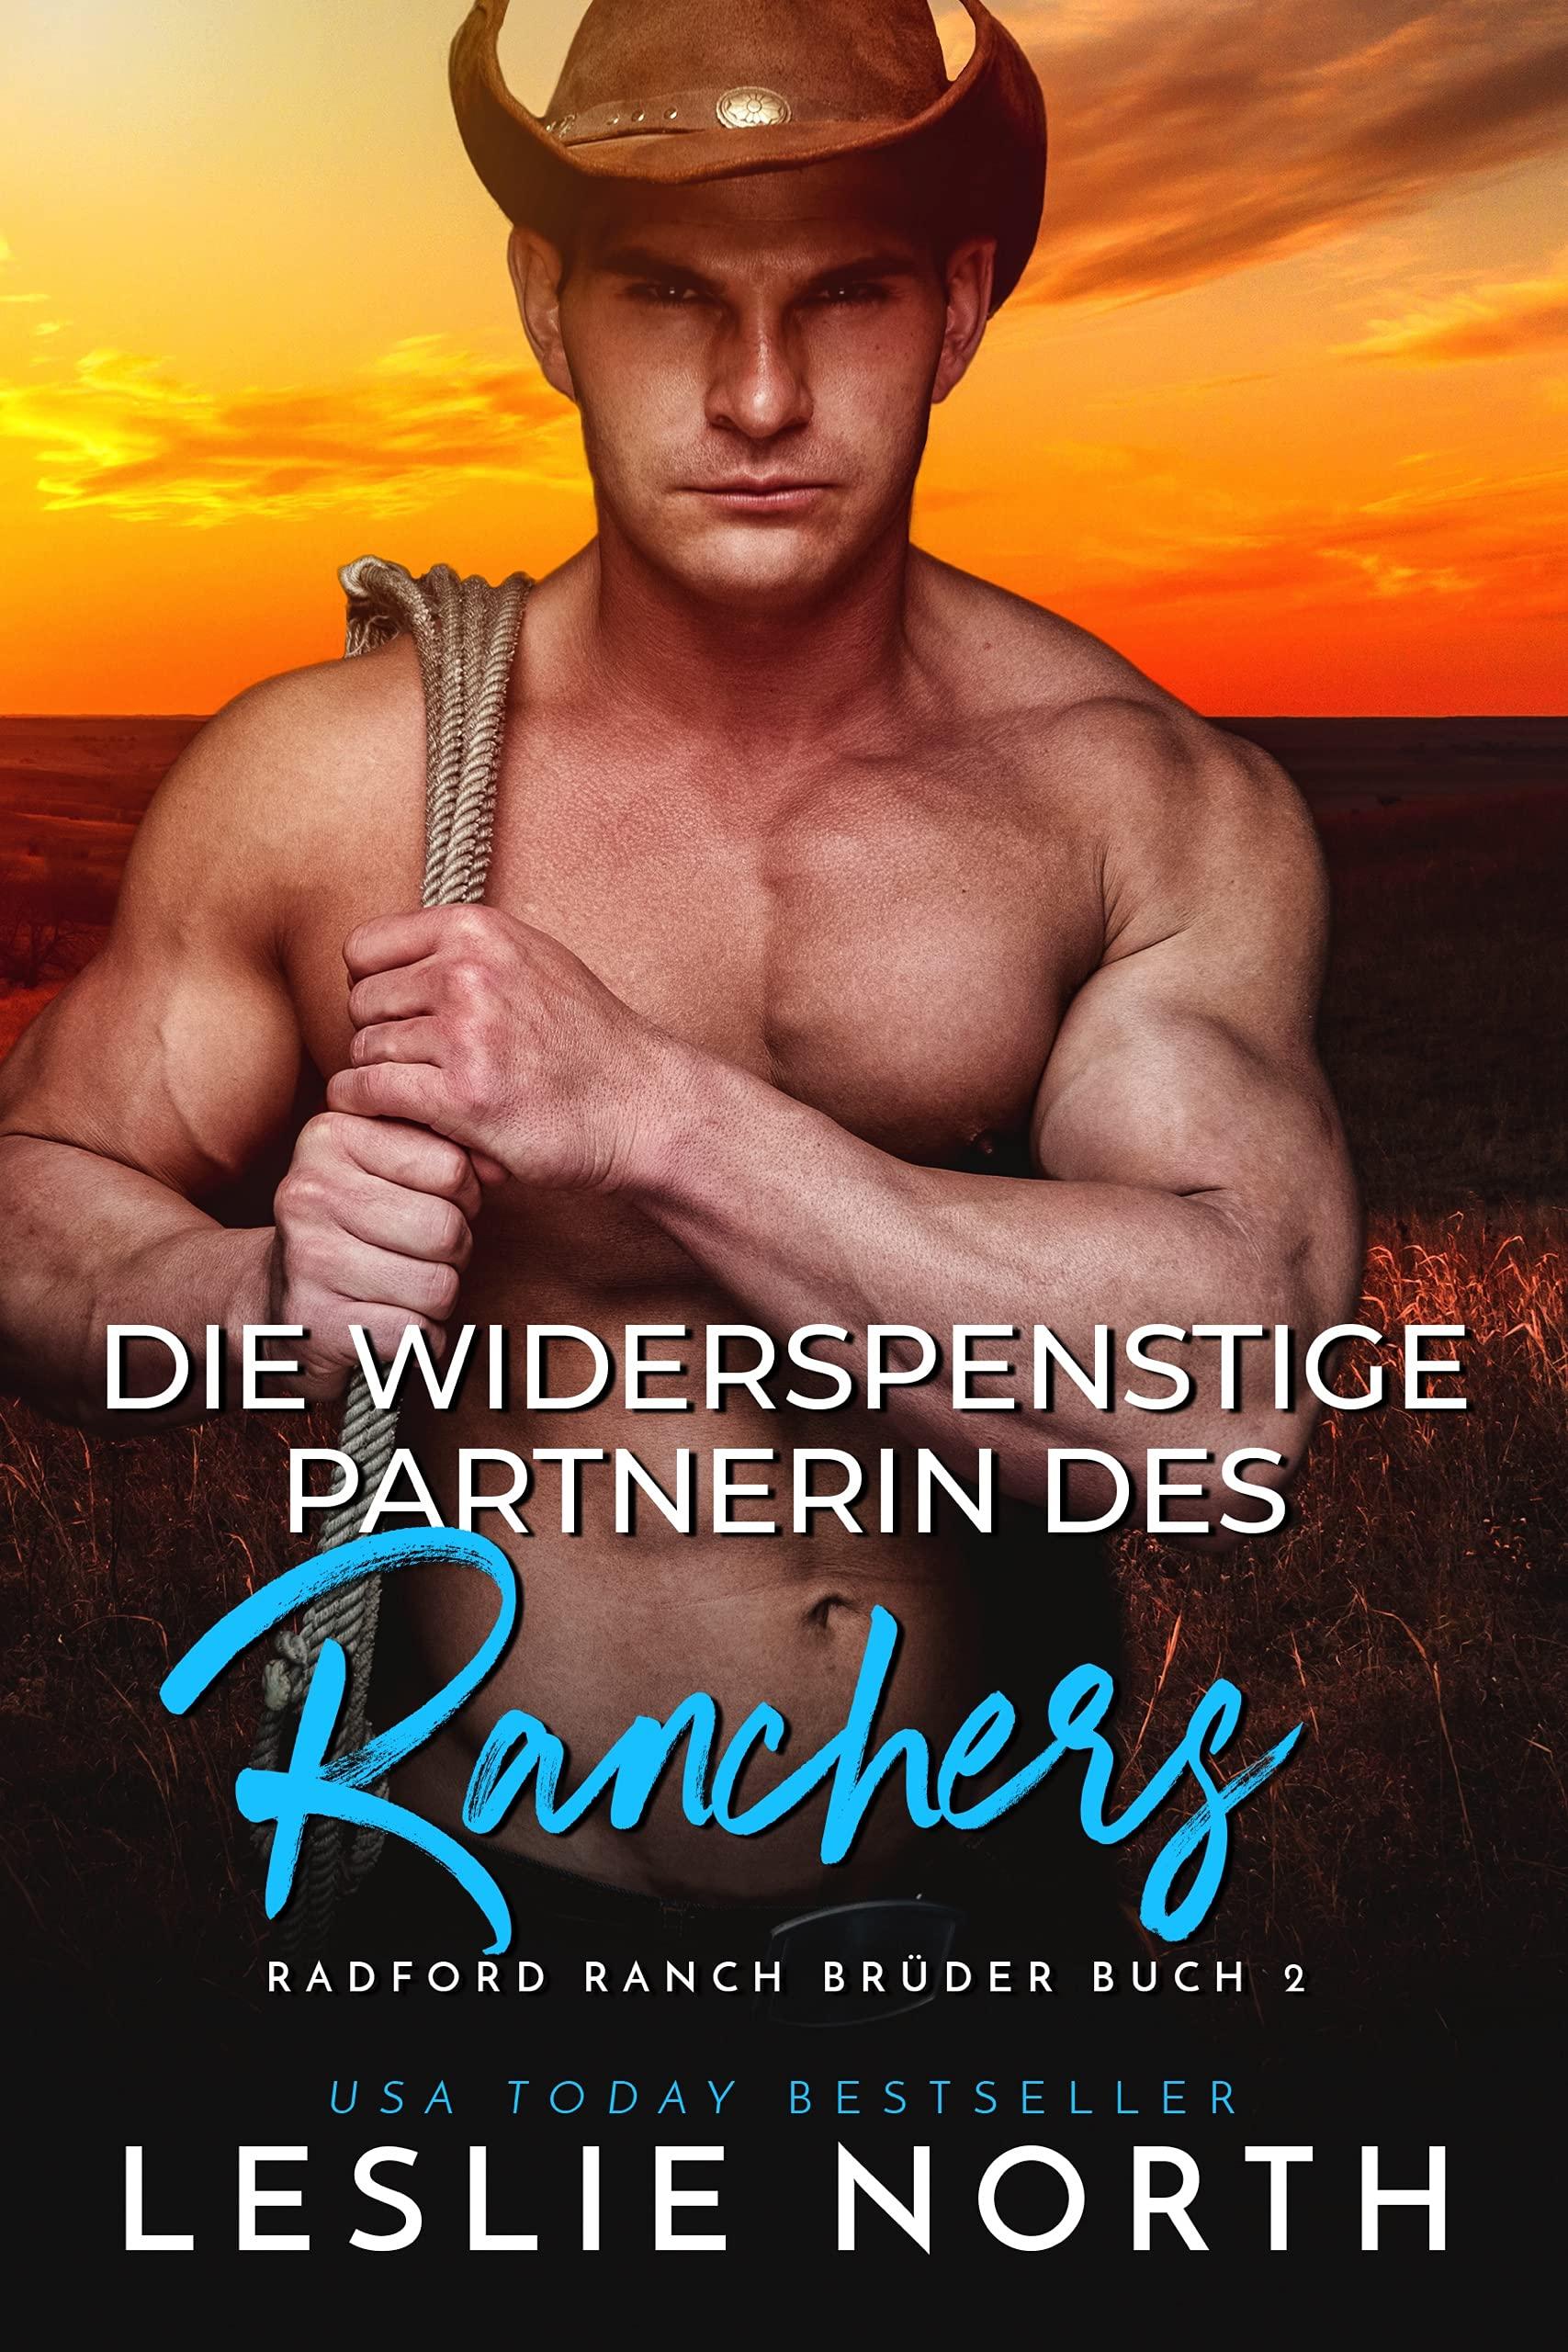 Die widerspenstige Partnerin des Ranchers